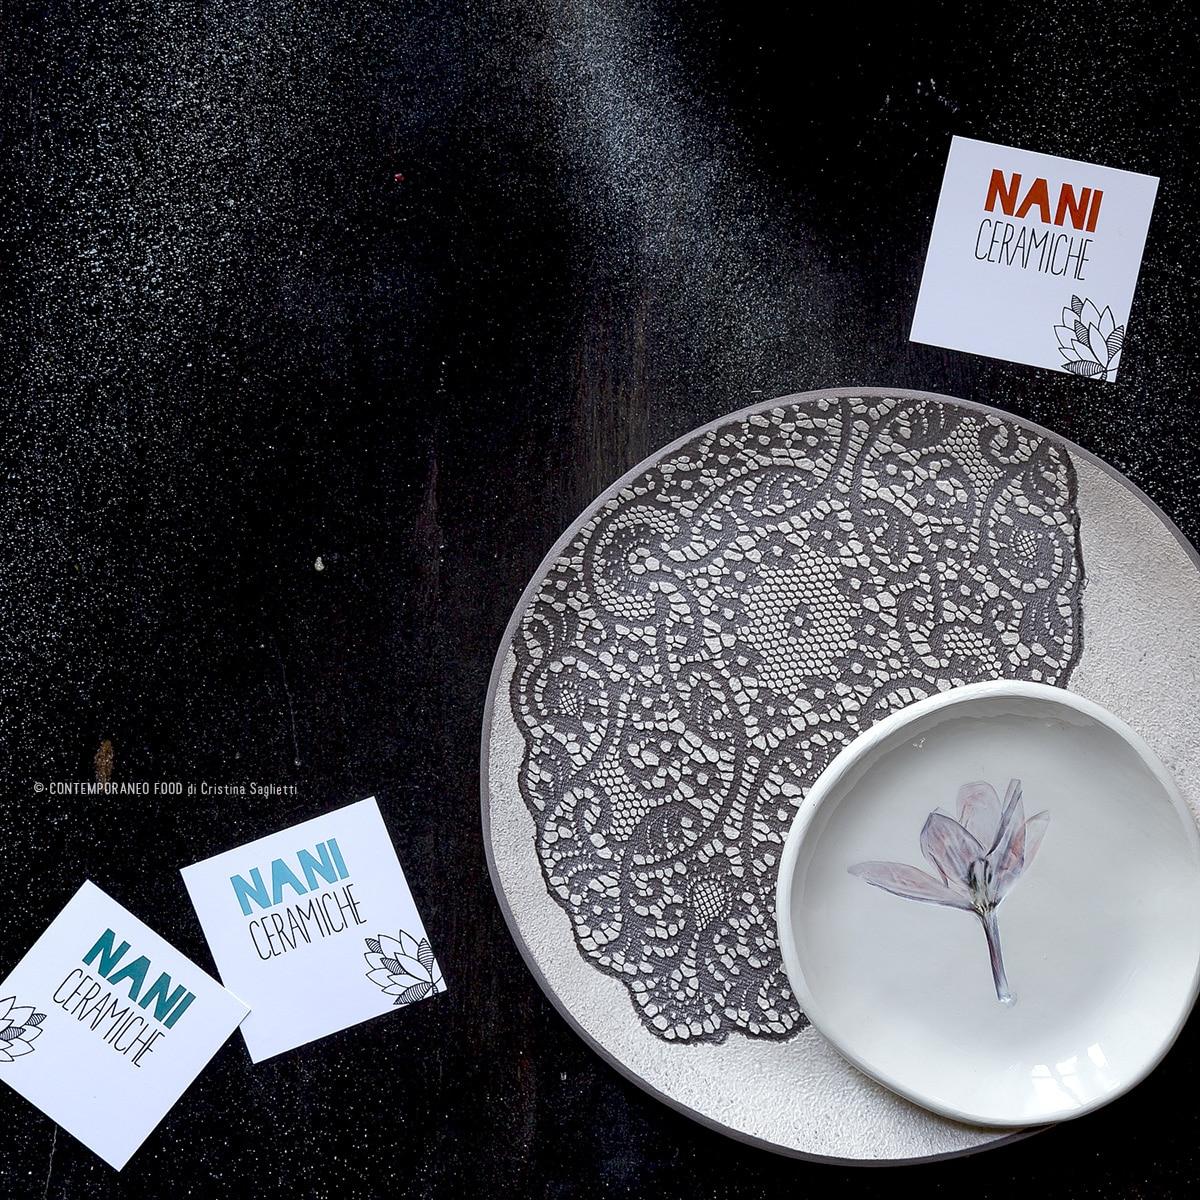 nani-ceramiche-contemporaneo-food-amici-di-contemporaneo-food-artigiani-ceramisti